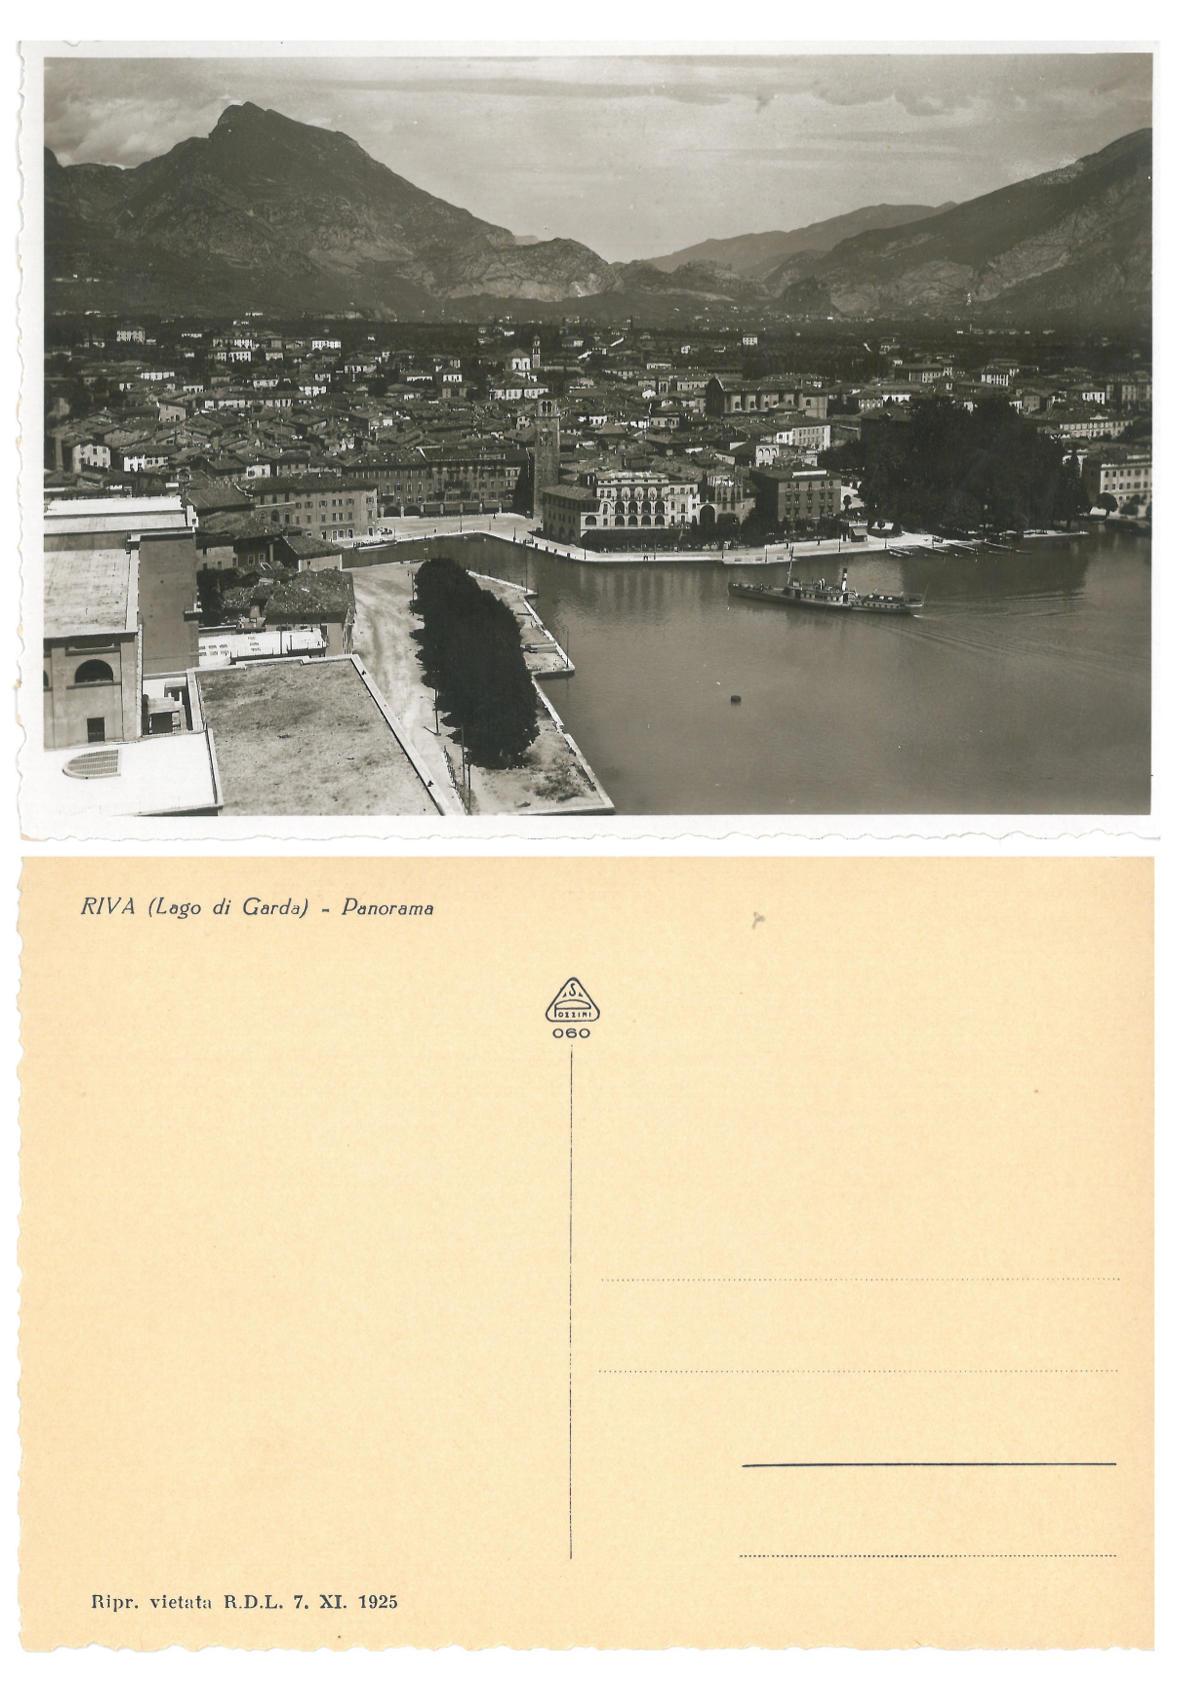 Riva - Panorama